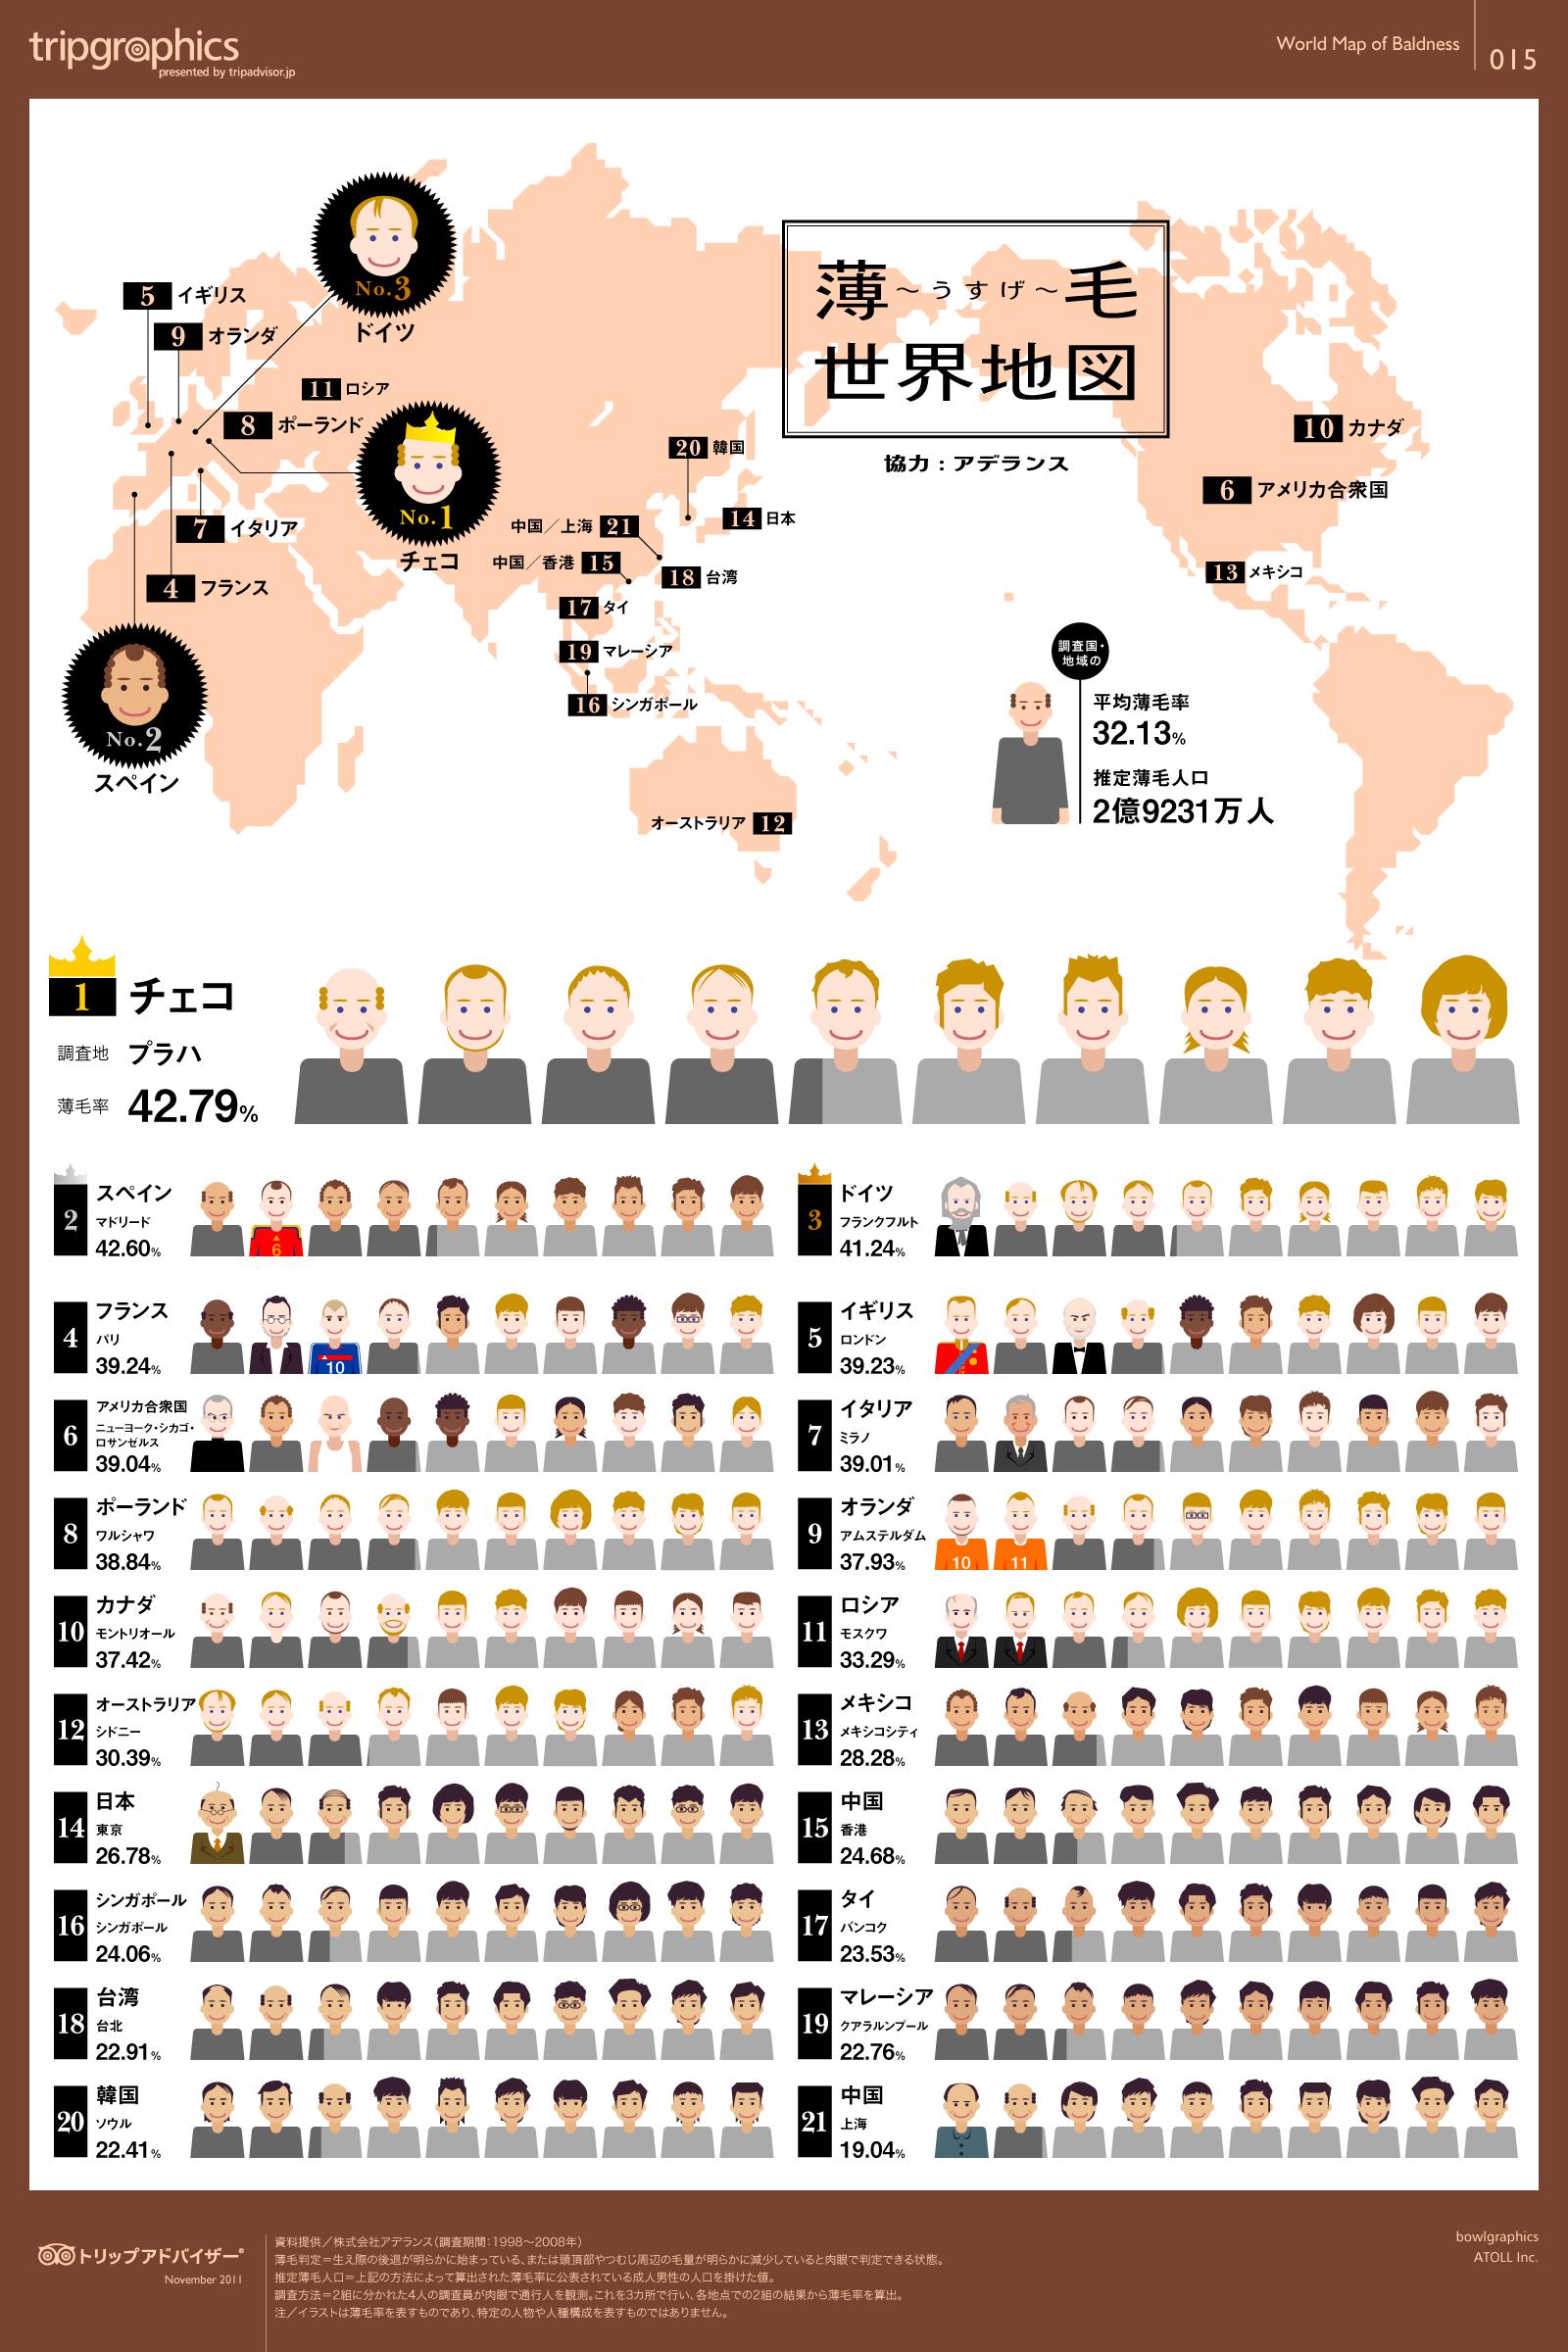 薄毛世界地図 トリップアドバイザーのインフォグラフィックスで世界の